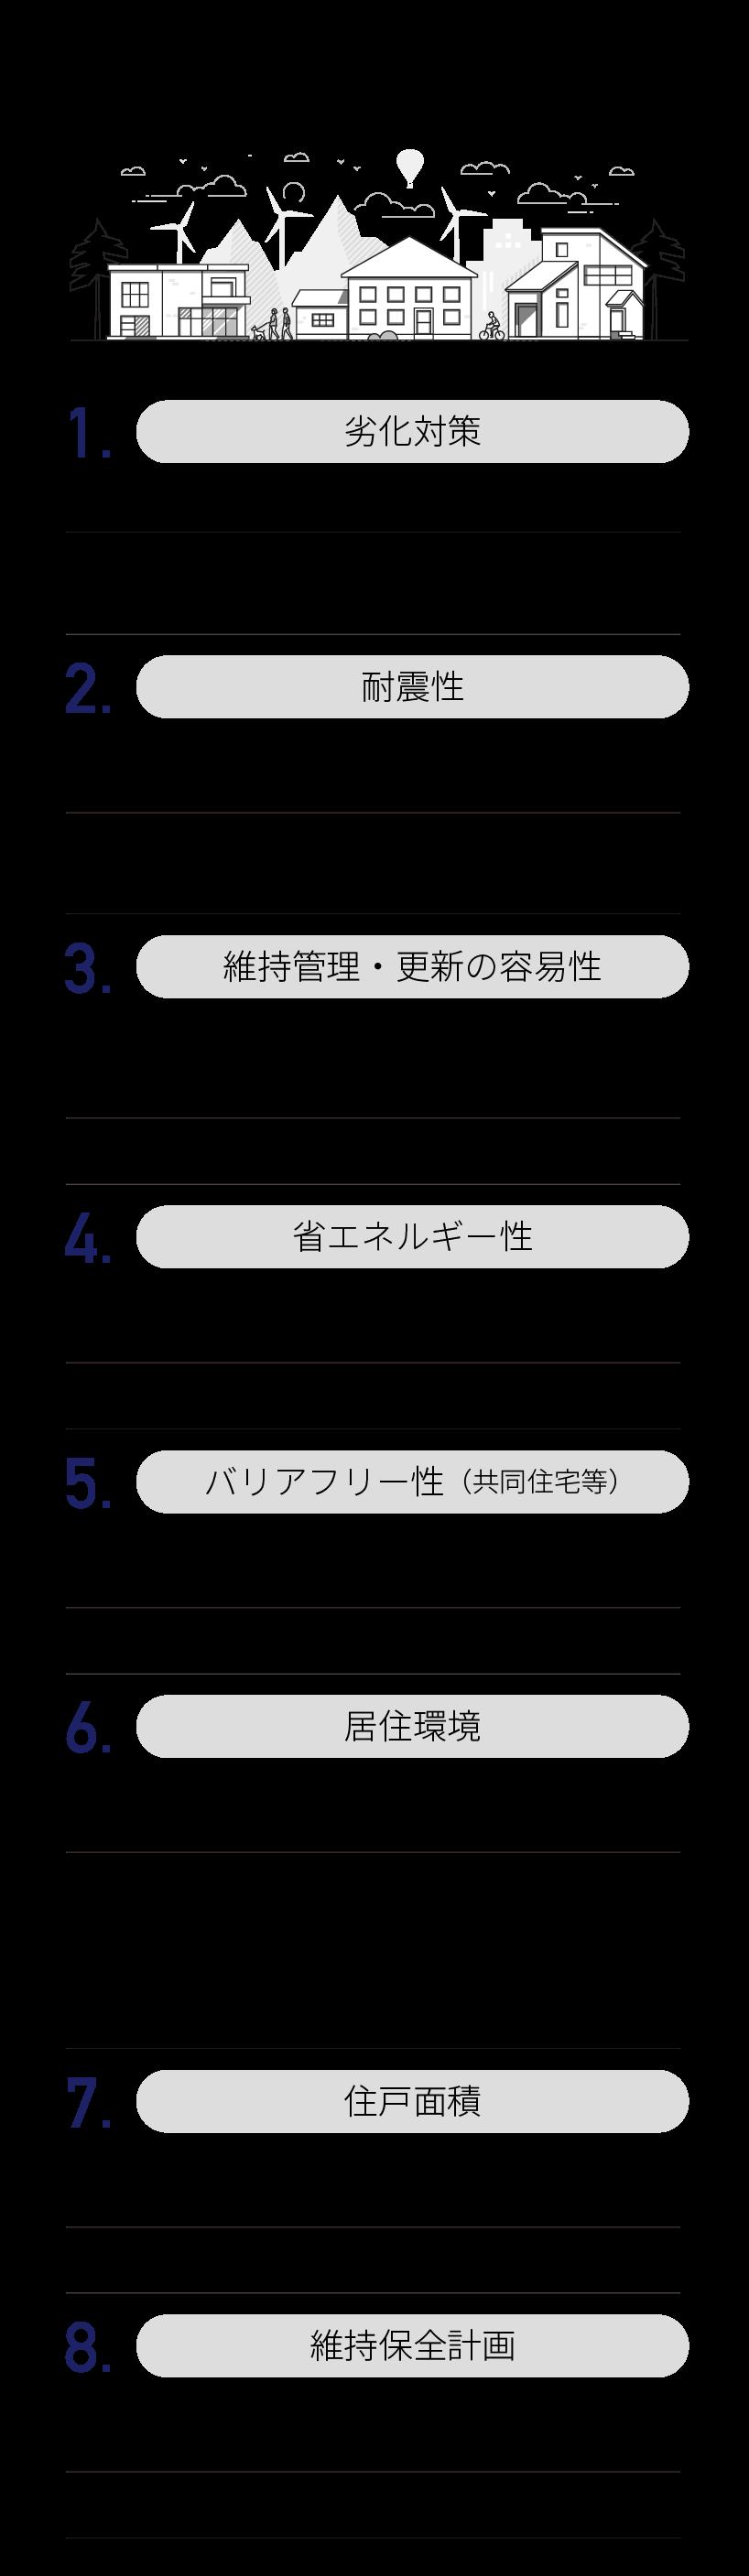 基準を満たした住宅のみが長期優良住宅として都道府県に認定されます